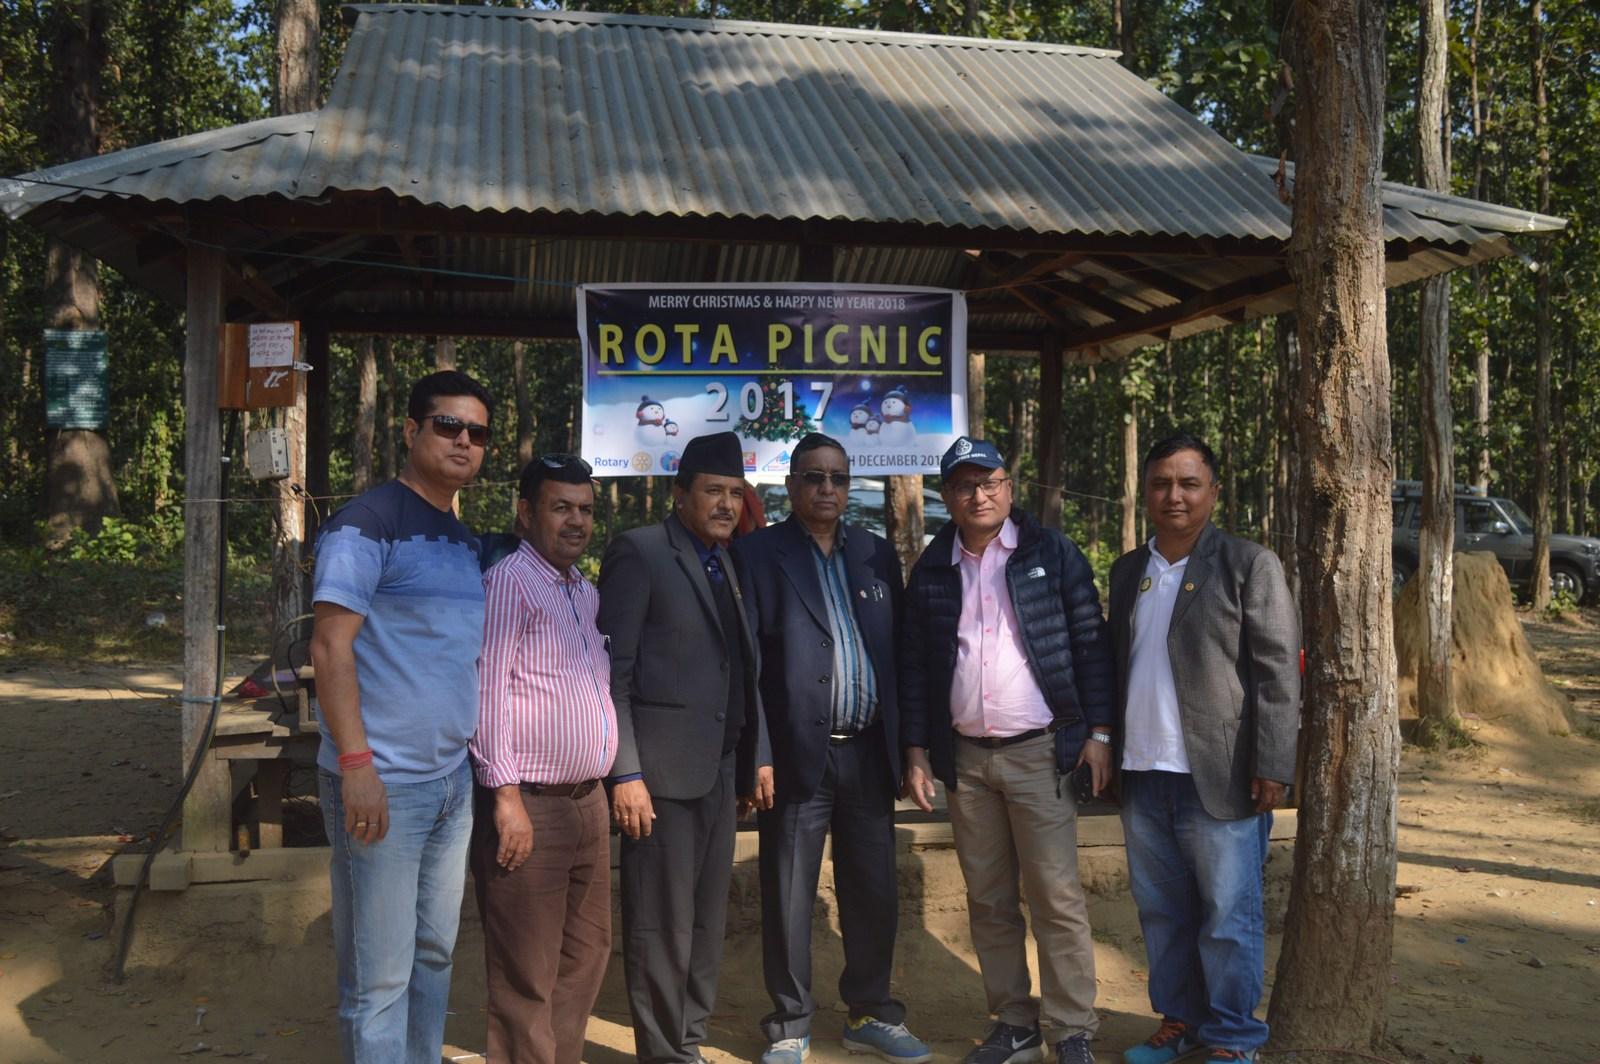 Rota-Picnic-2017-Rotary-Club-of-Kakarvitta-41